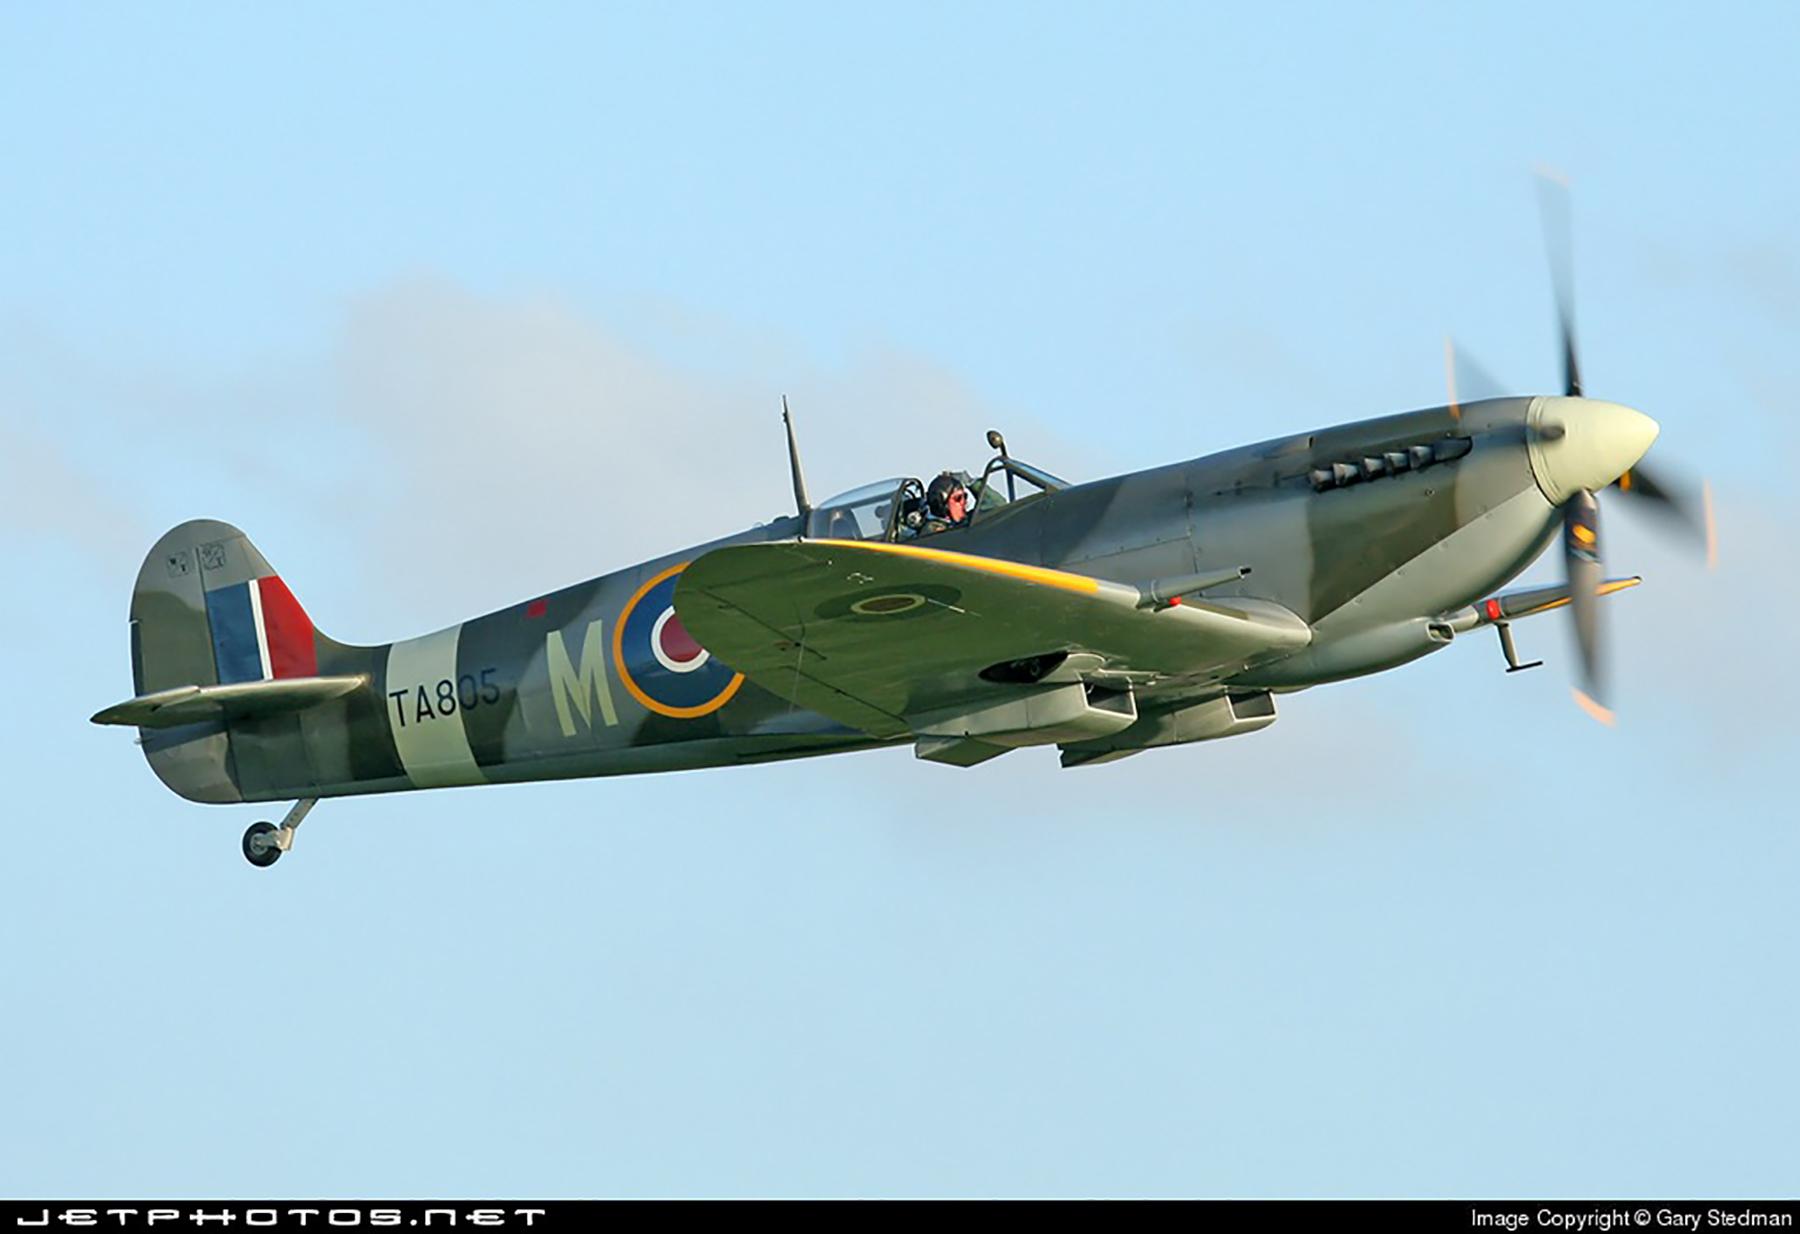 Airworthy Spitfire warbird HFIX SAAF FXM TA805 01